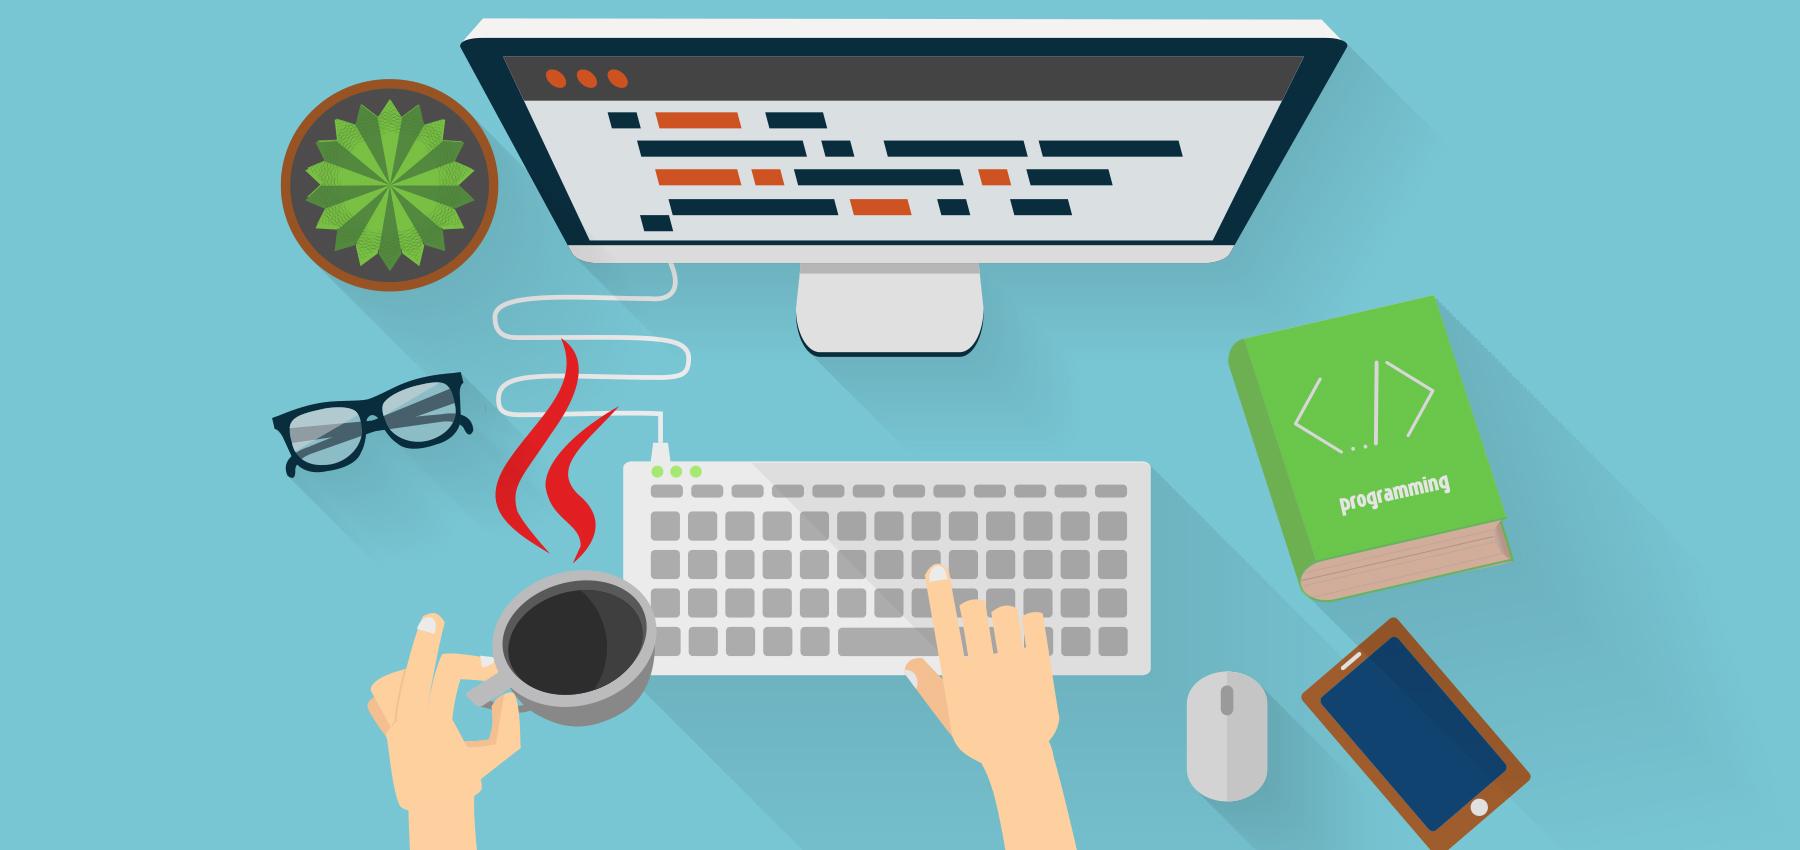 Fullstack web developer